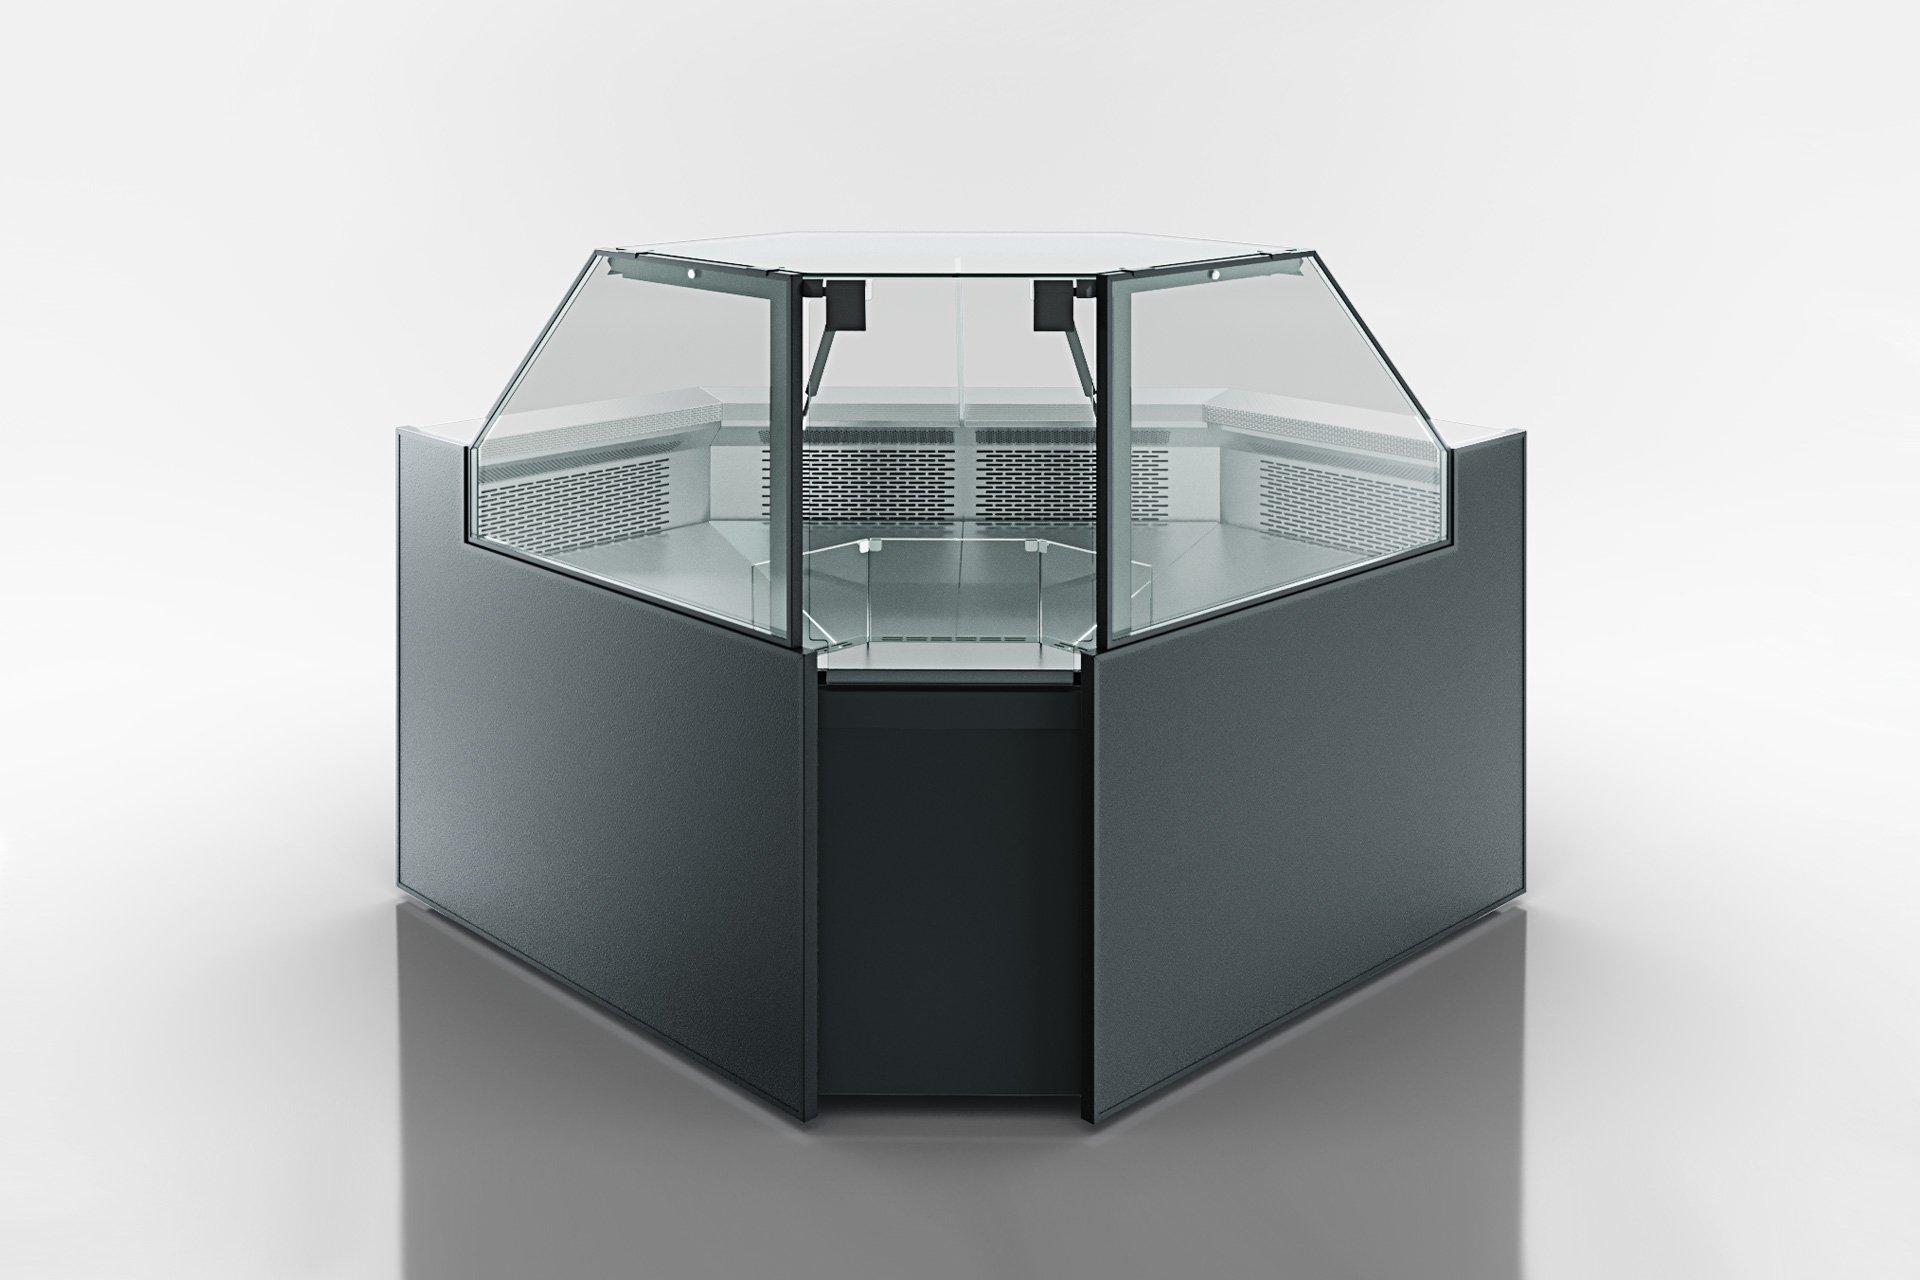 Угловые эленты холодильных витрин Missouri MC 120 deli PS 130-DBM-IS90